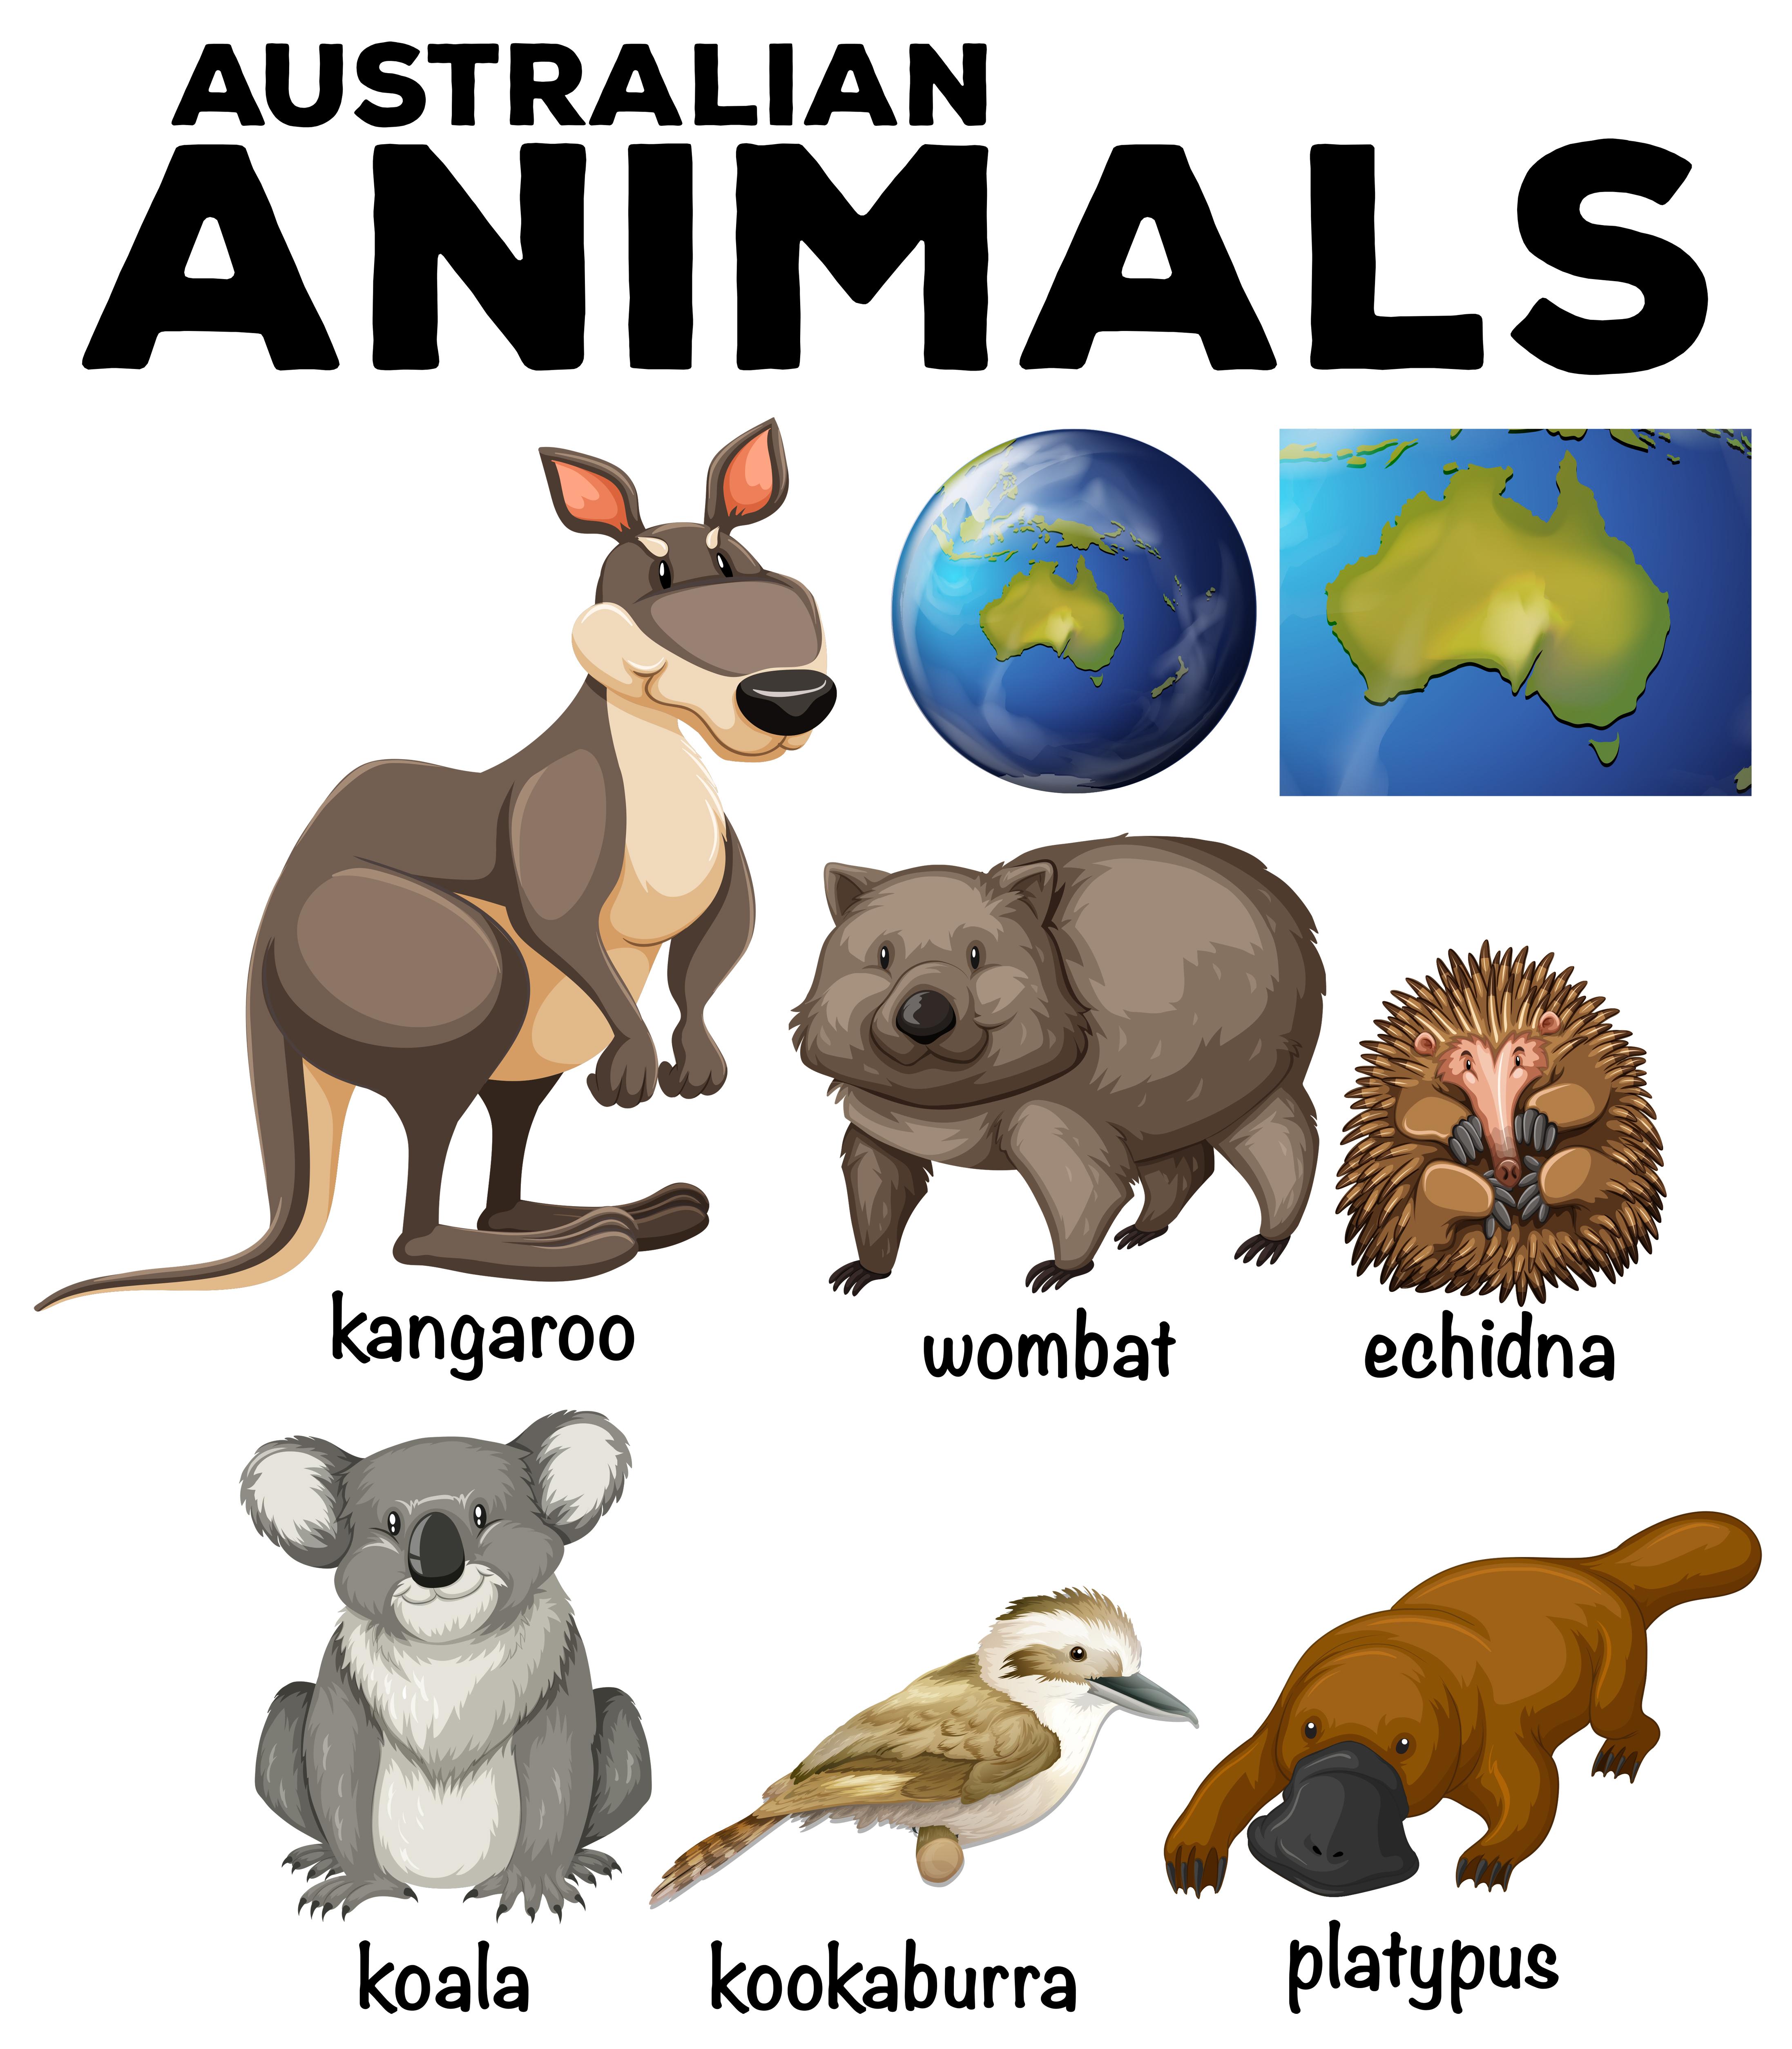 zwei Koalas Grußkarte Australien